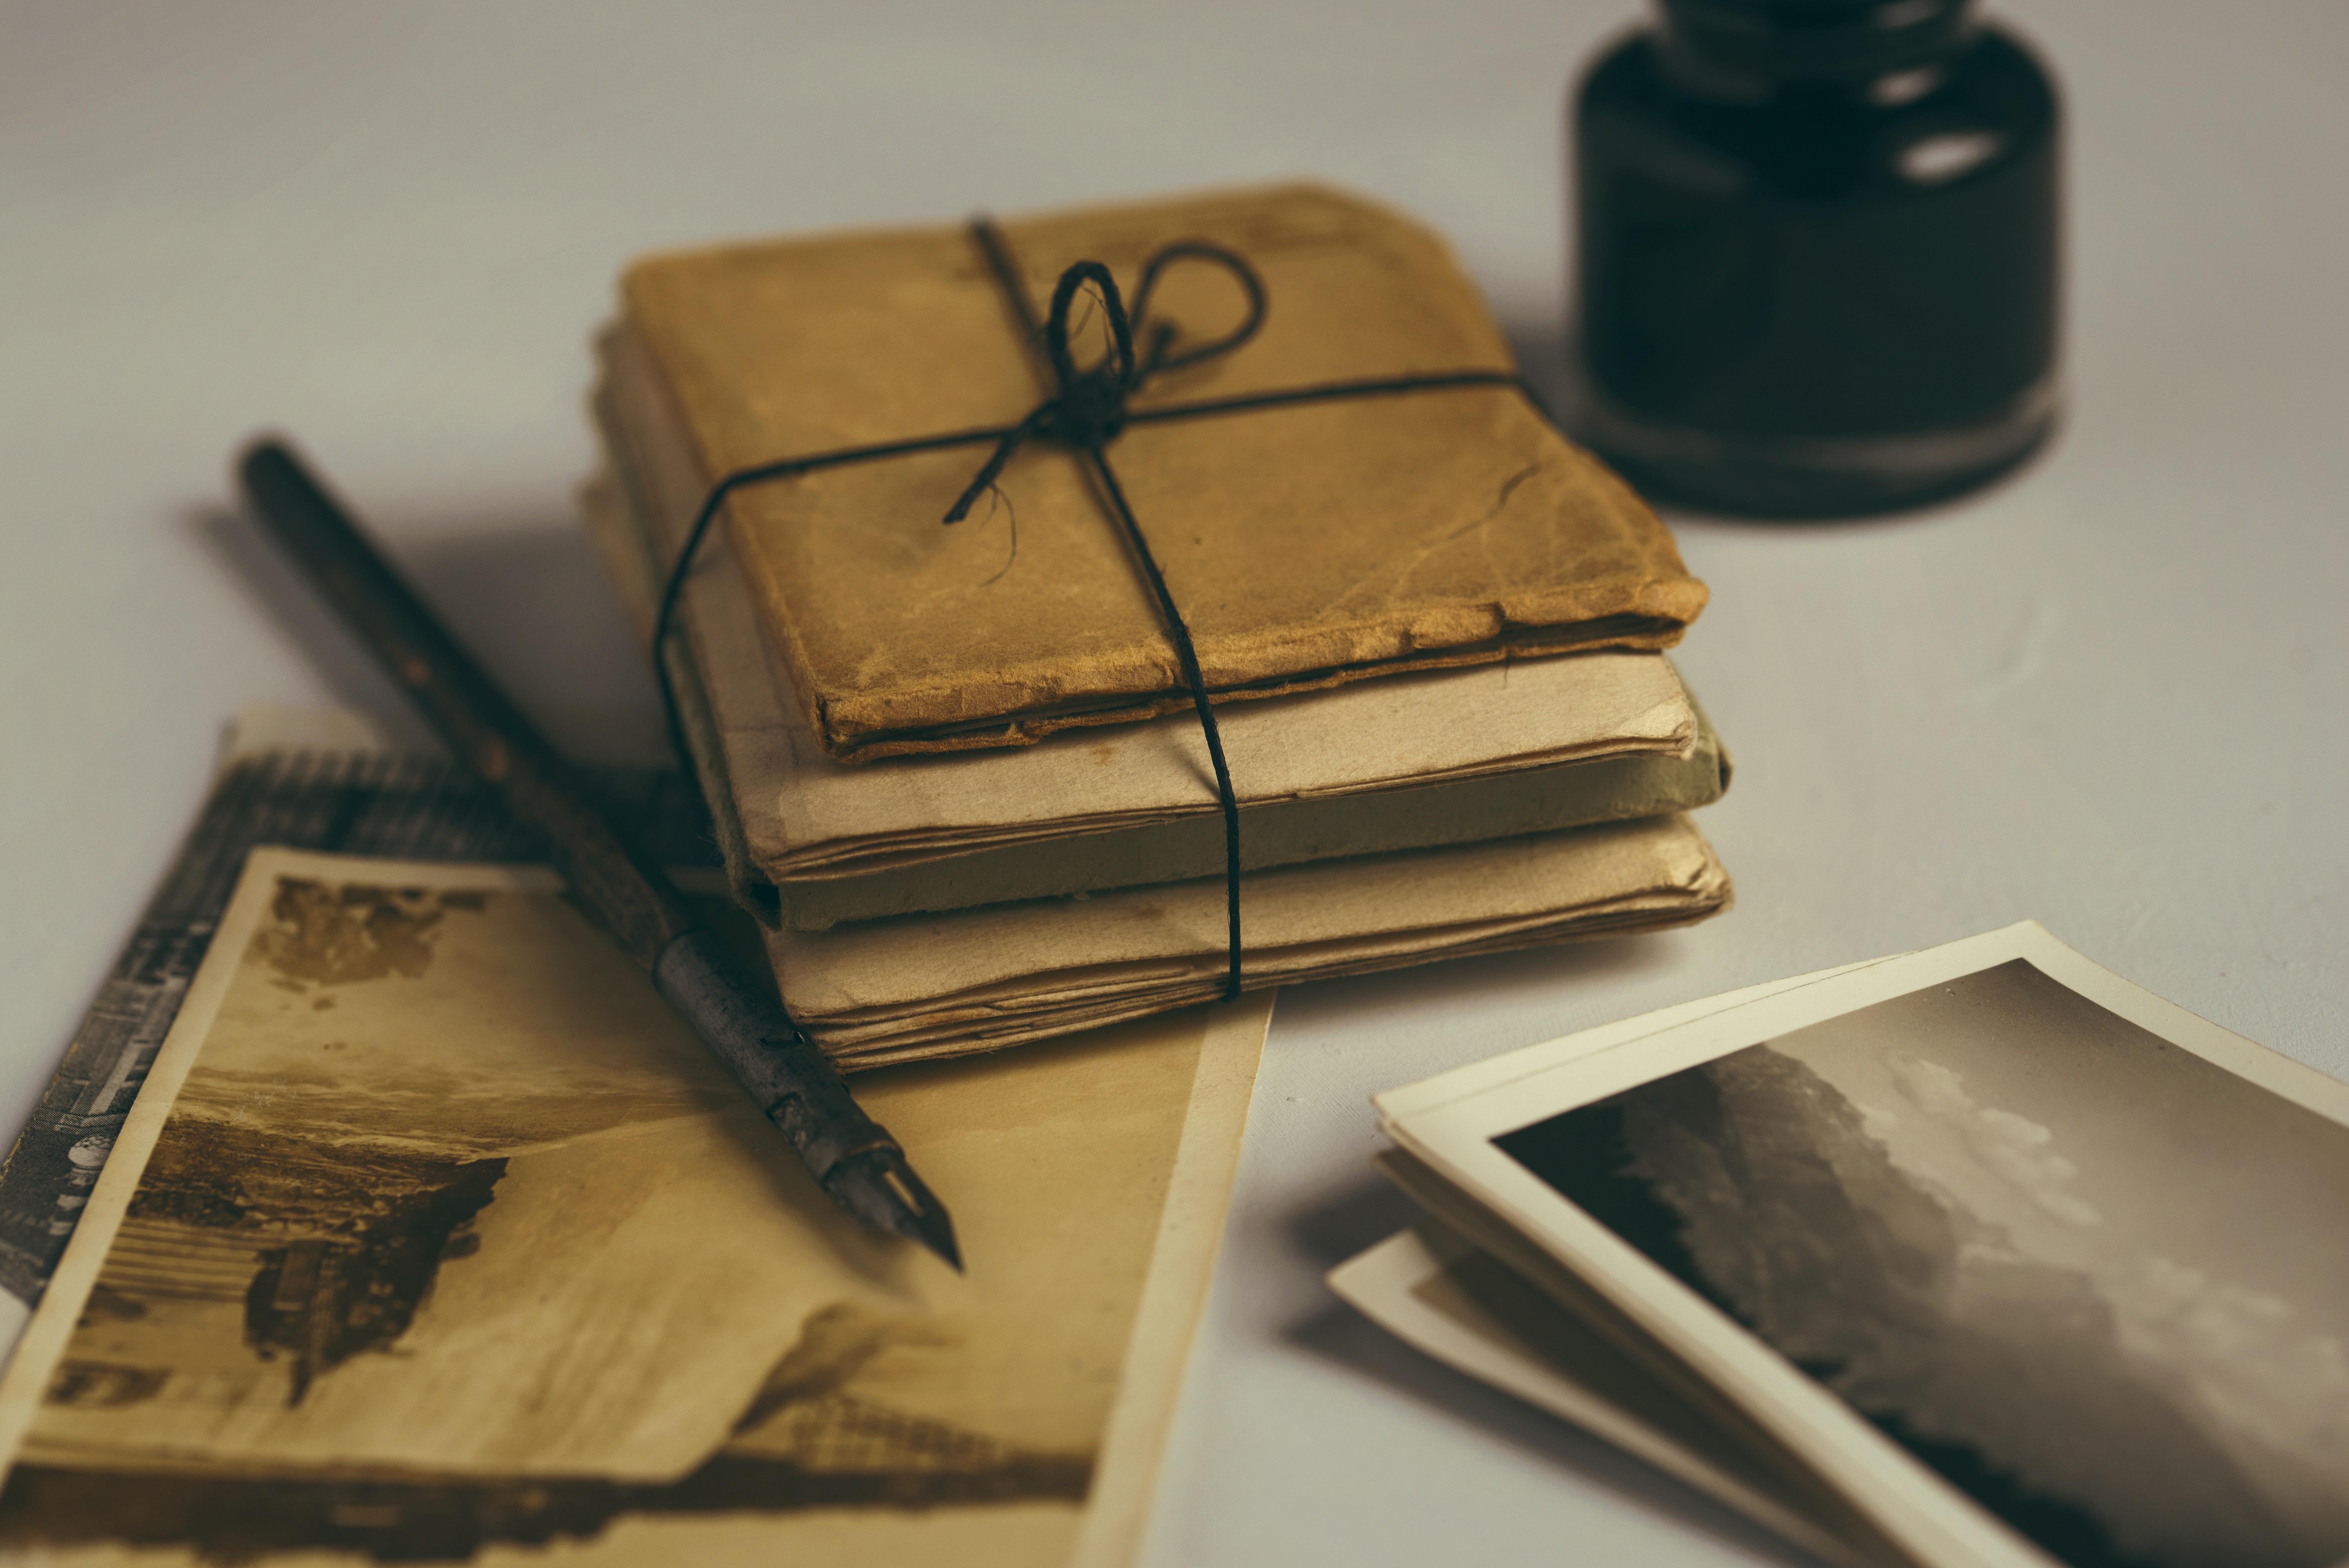 Обои : рисование, дерево, книги, винтаж, старые фотографии, .